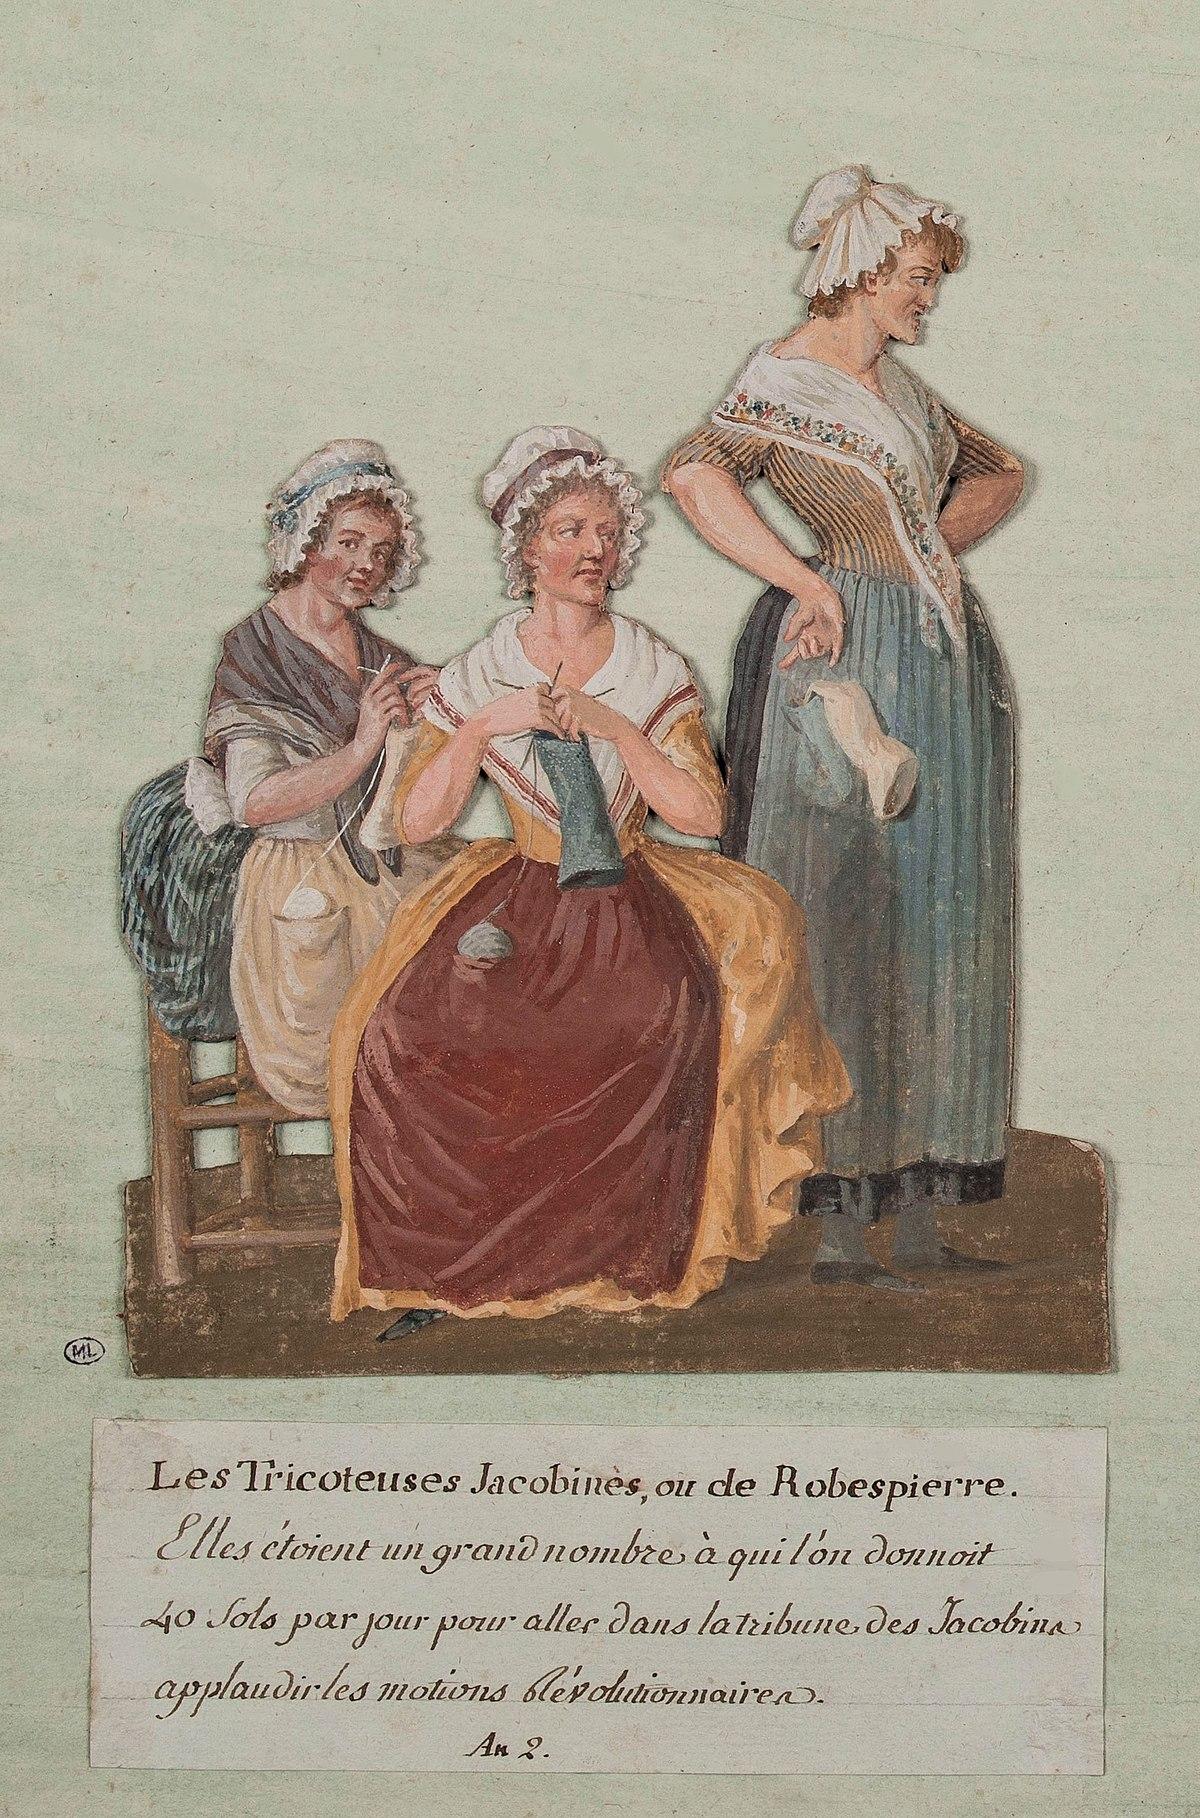 Tricoteuse - Wikipedia